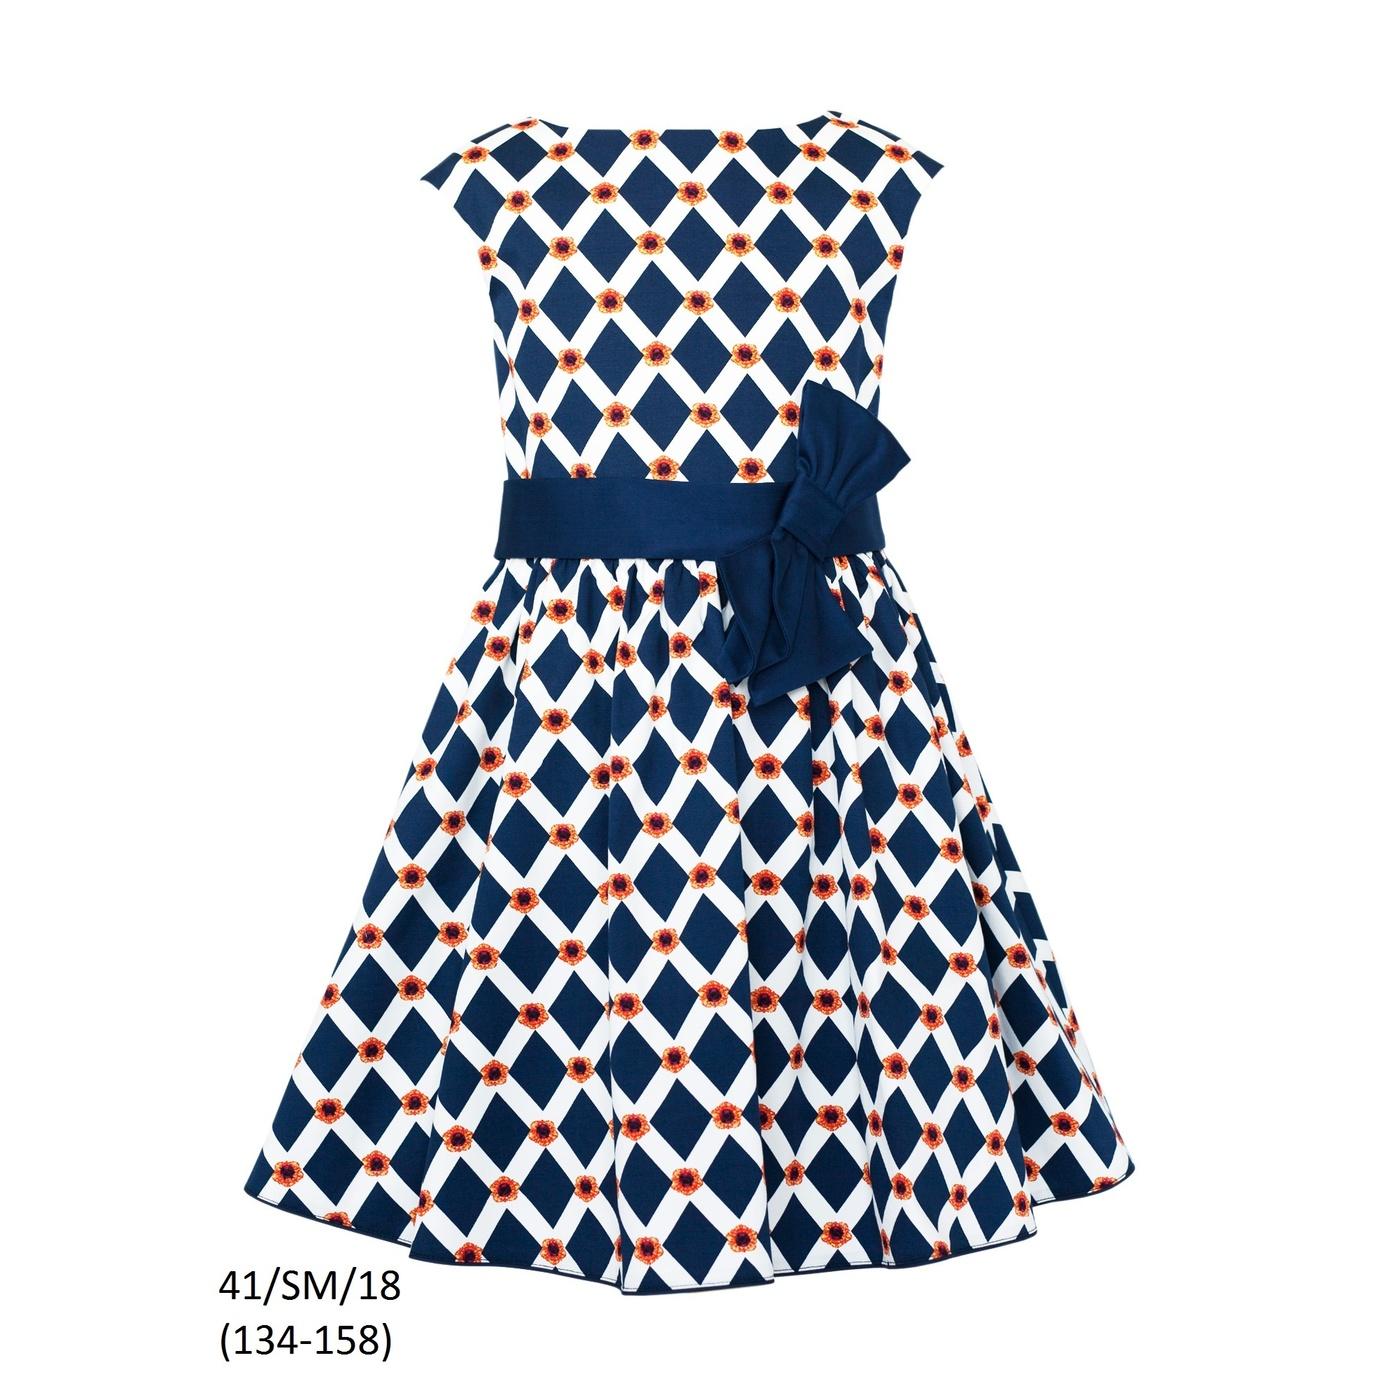 50dbc8cd56 Wyjątkowy Letnia sukienka dziewczęca SLY 41 SM 18  BL-52